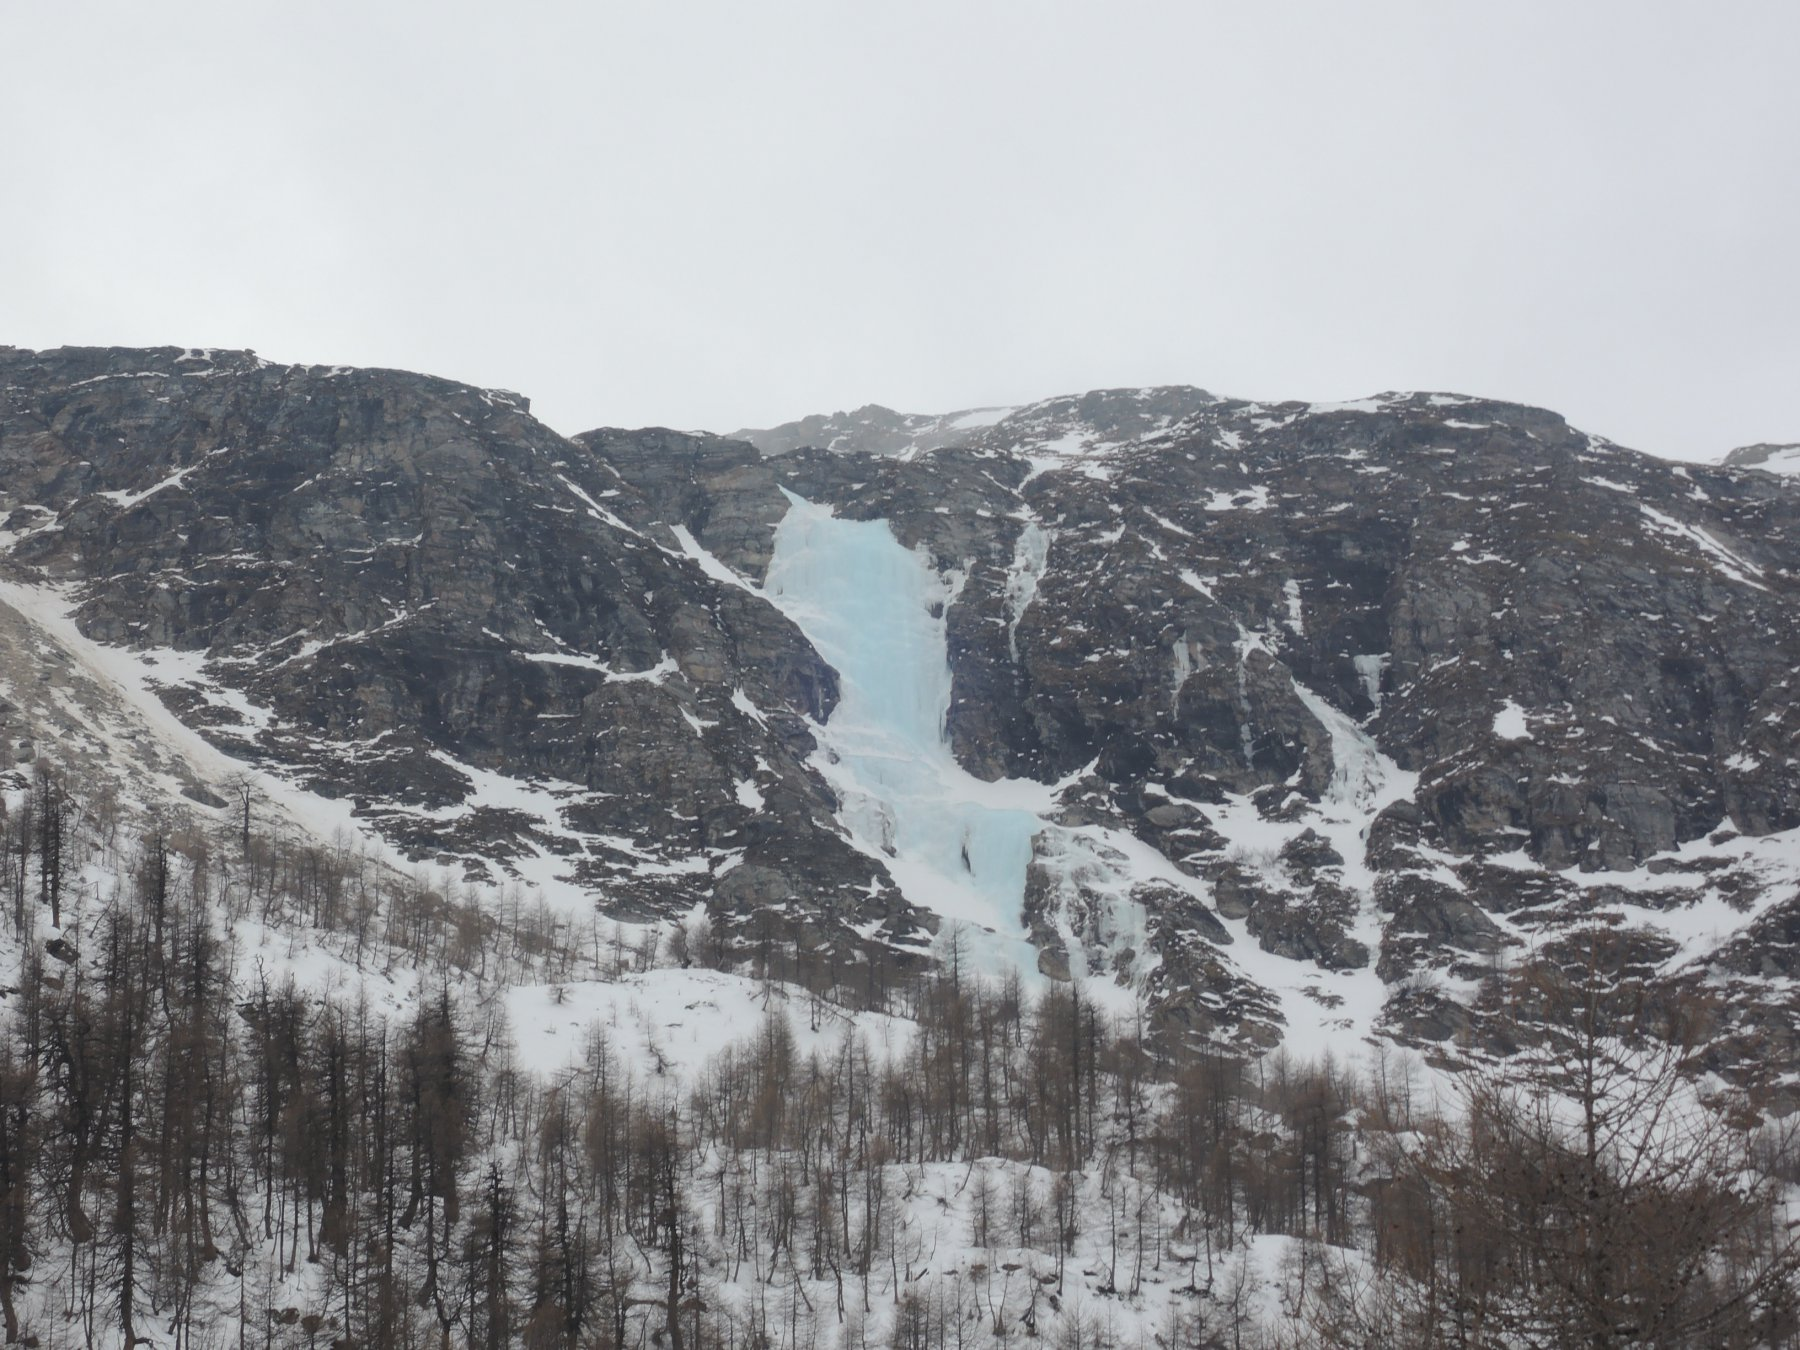 Cascatone del Curnasel con un bel ghiaccio azzurro visto da Alp Grüm